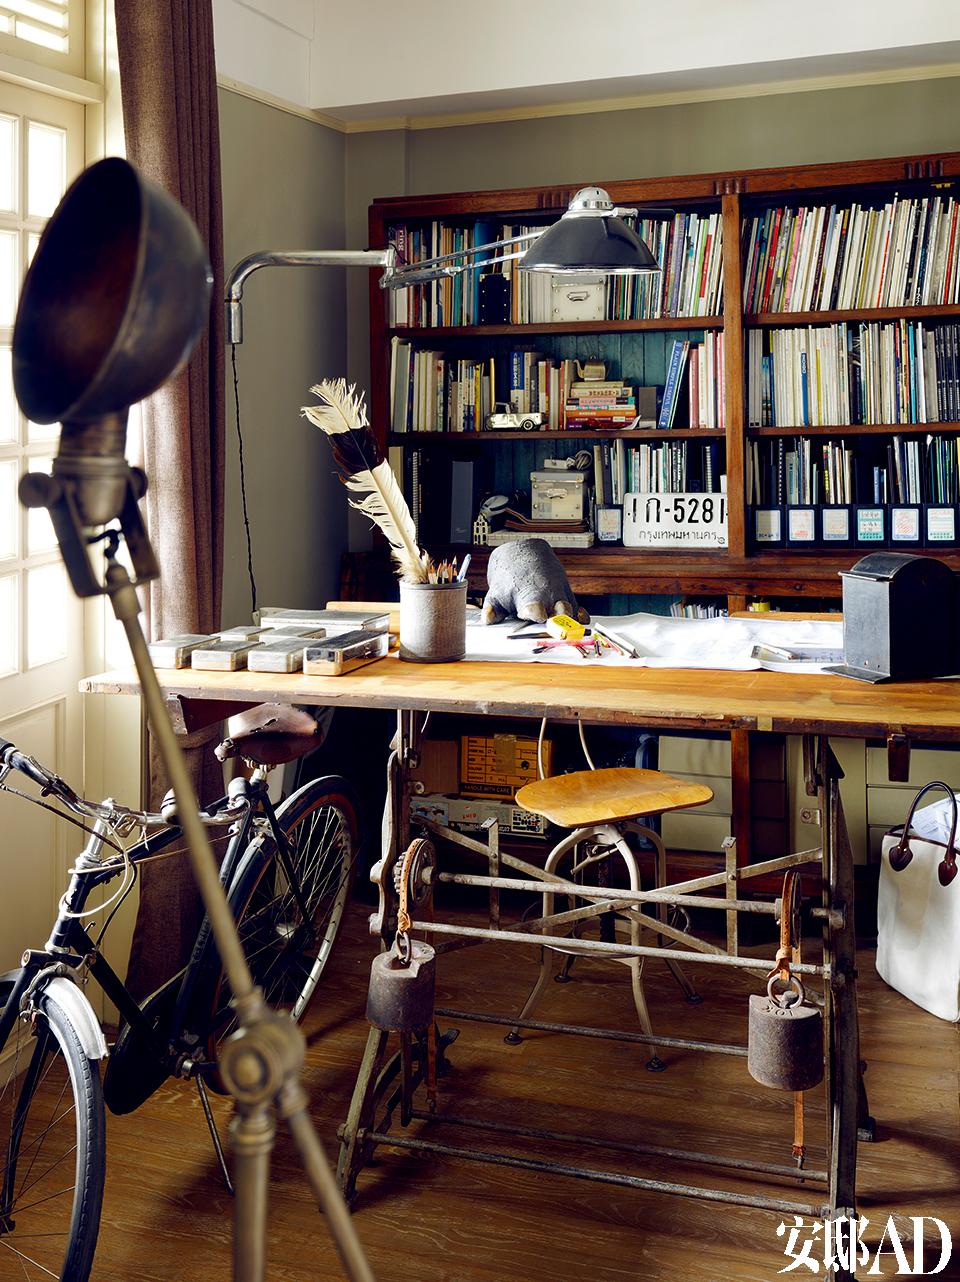 """二战时期的医院手术灯与被割下来的河马脚就这样活生生地围绕书桌旁,这都是在泰国挖掘到的重口味收藏。叶裕清的工作桌之一,桌子为二战时期的产品,即使现在人多在电脑上做设计了,但他依旧钟爱这""""古味""""!桌上为牙医专用的老灯,桌上的""""怪物""""是一只河马的脚!"""